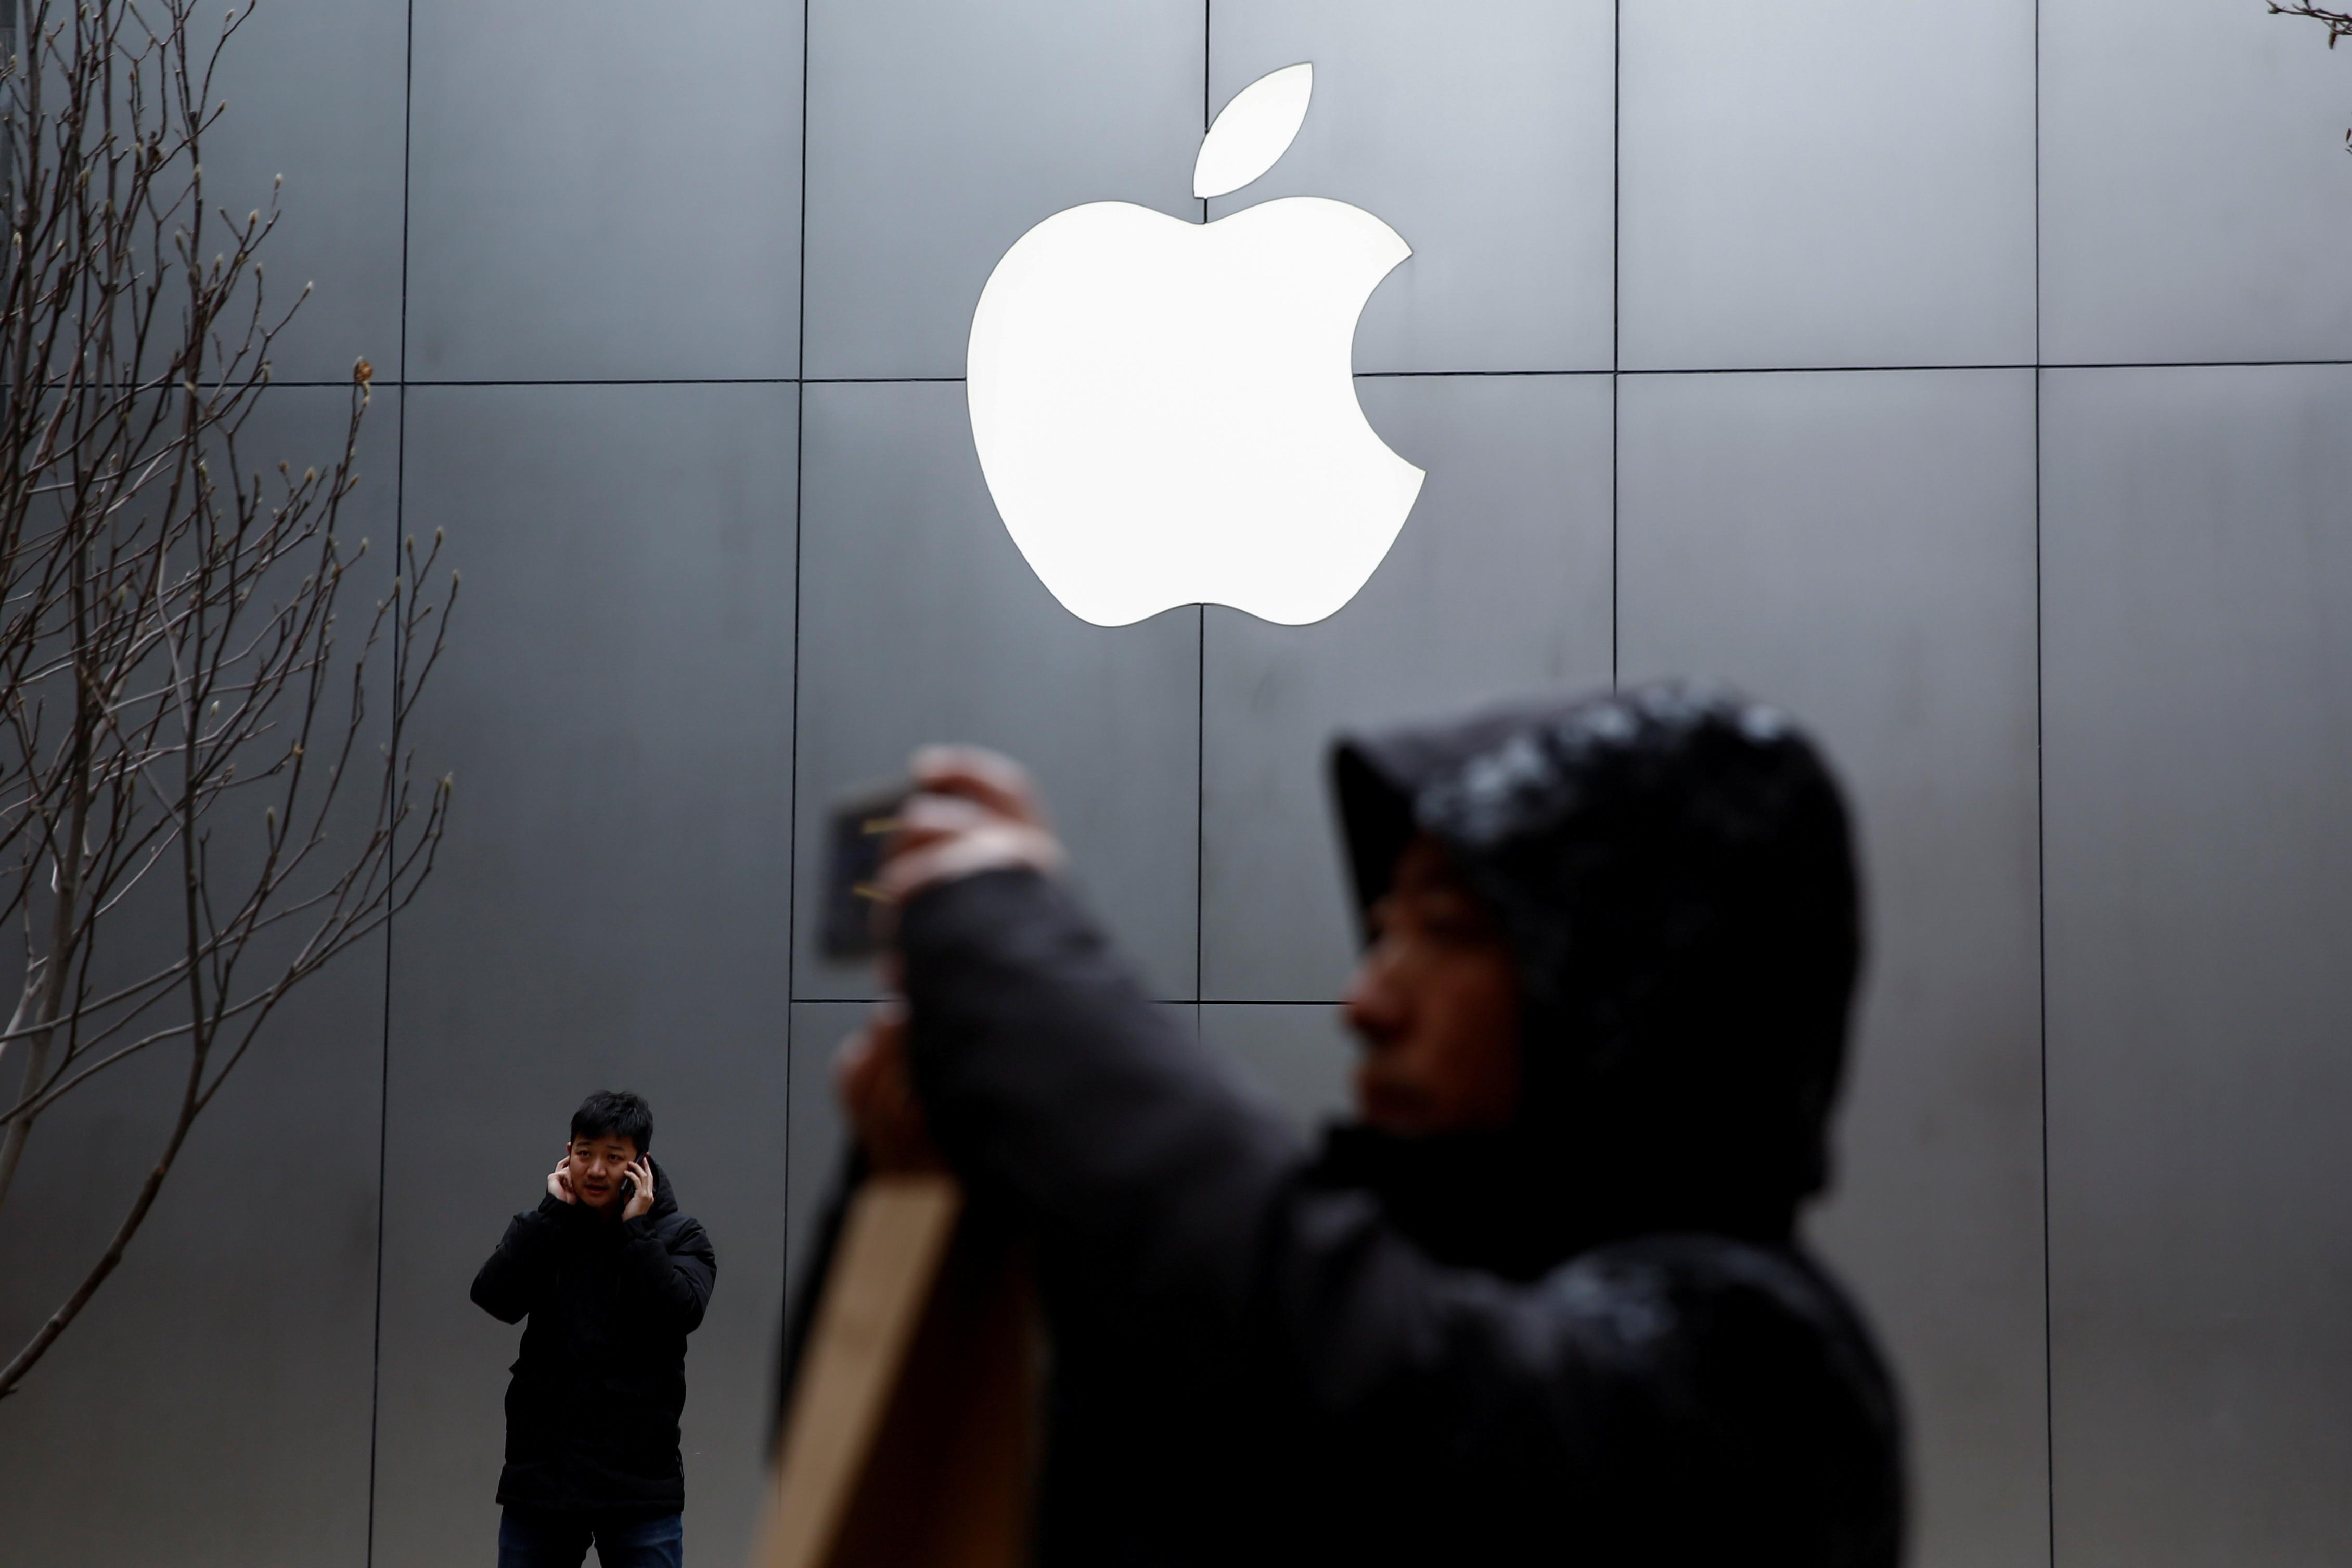 Em batalha judicial com a Epic Games, Apple revela que 128 milhões de usuários baixaram apps adulterados pelo 'XcodeGhost'